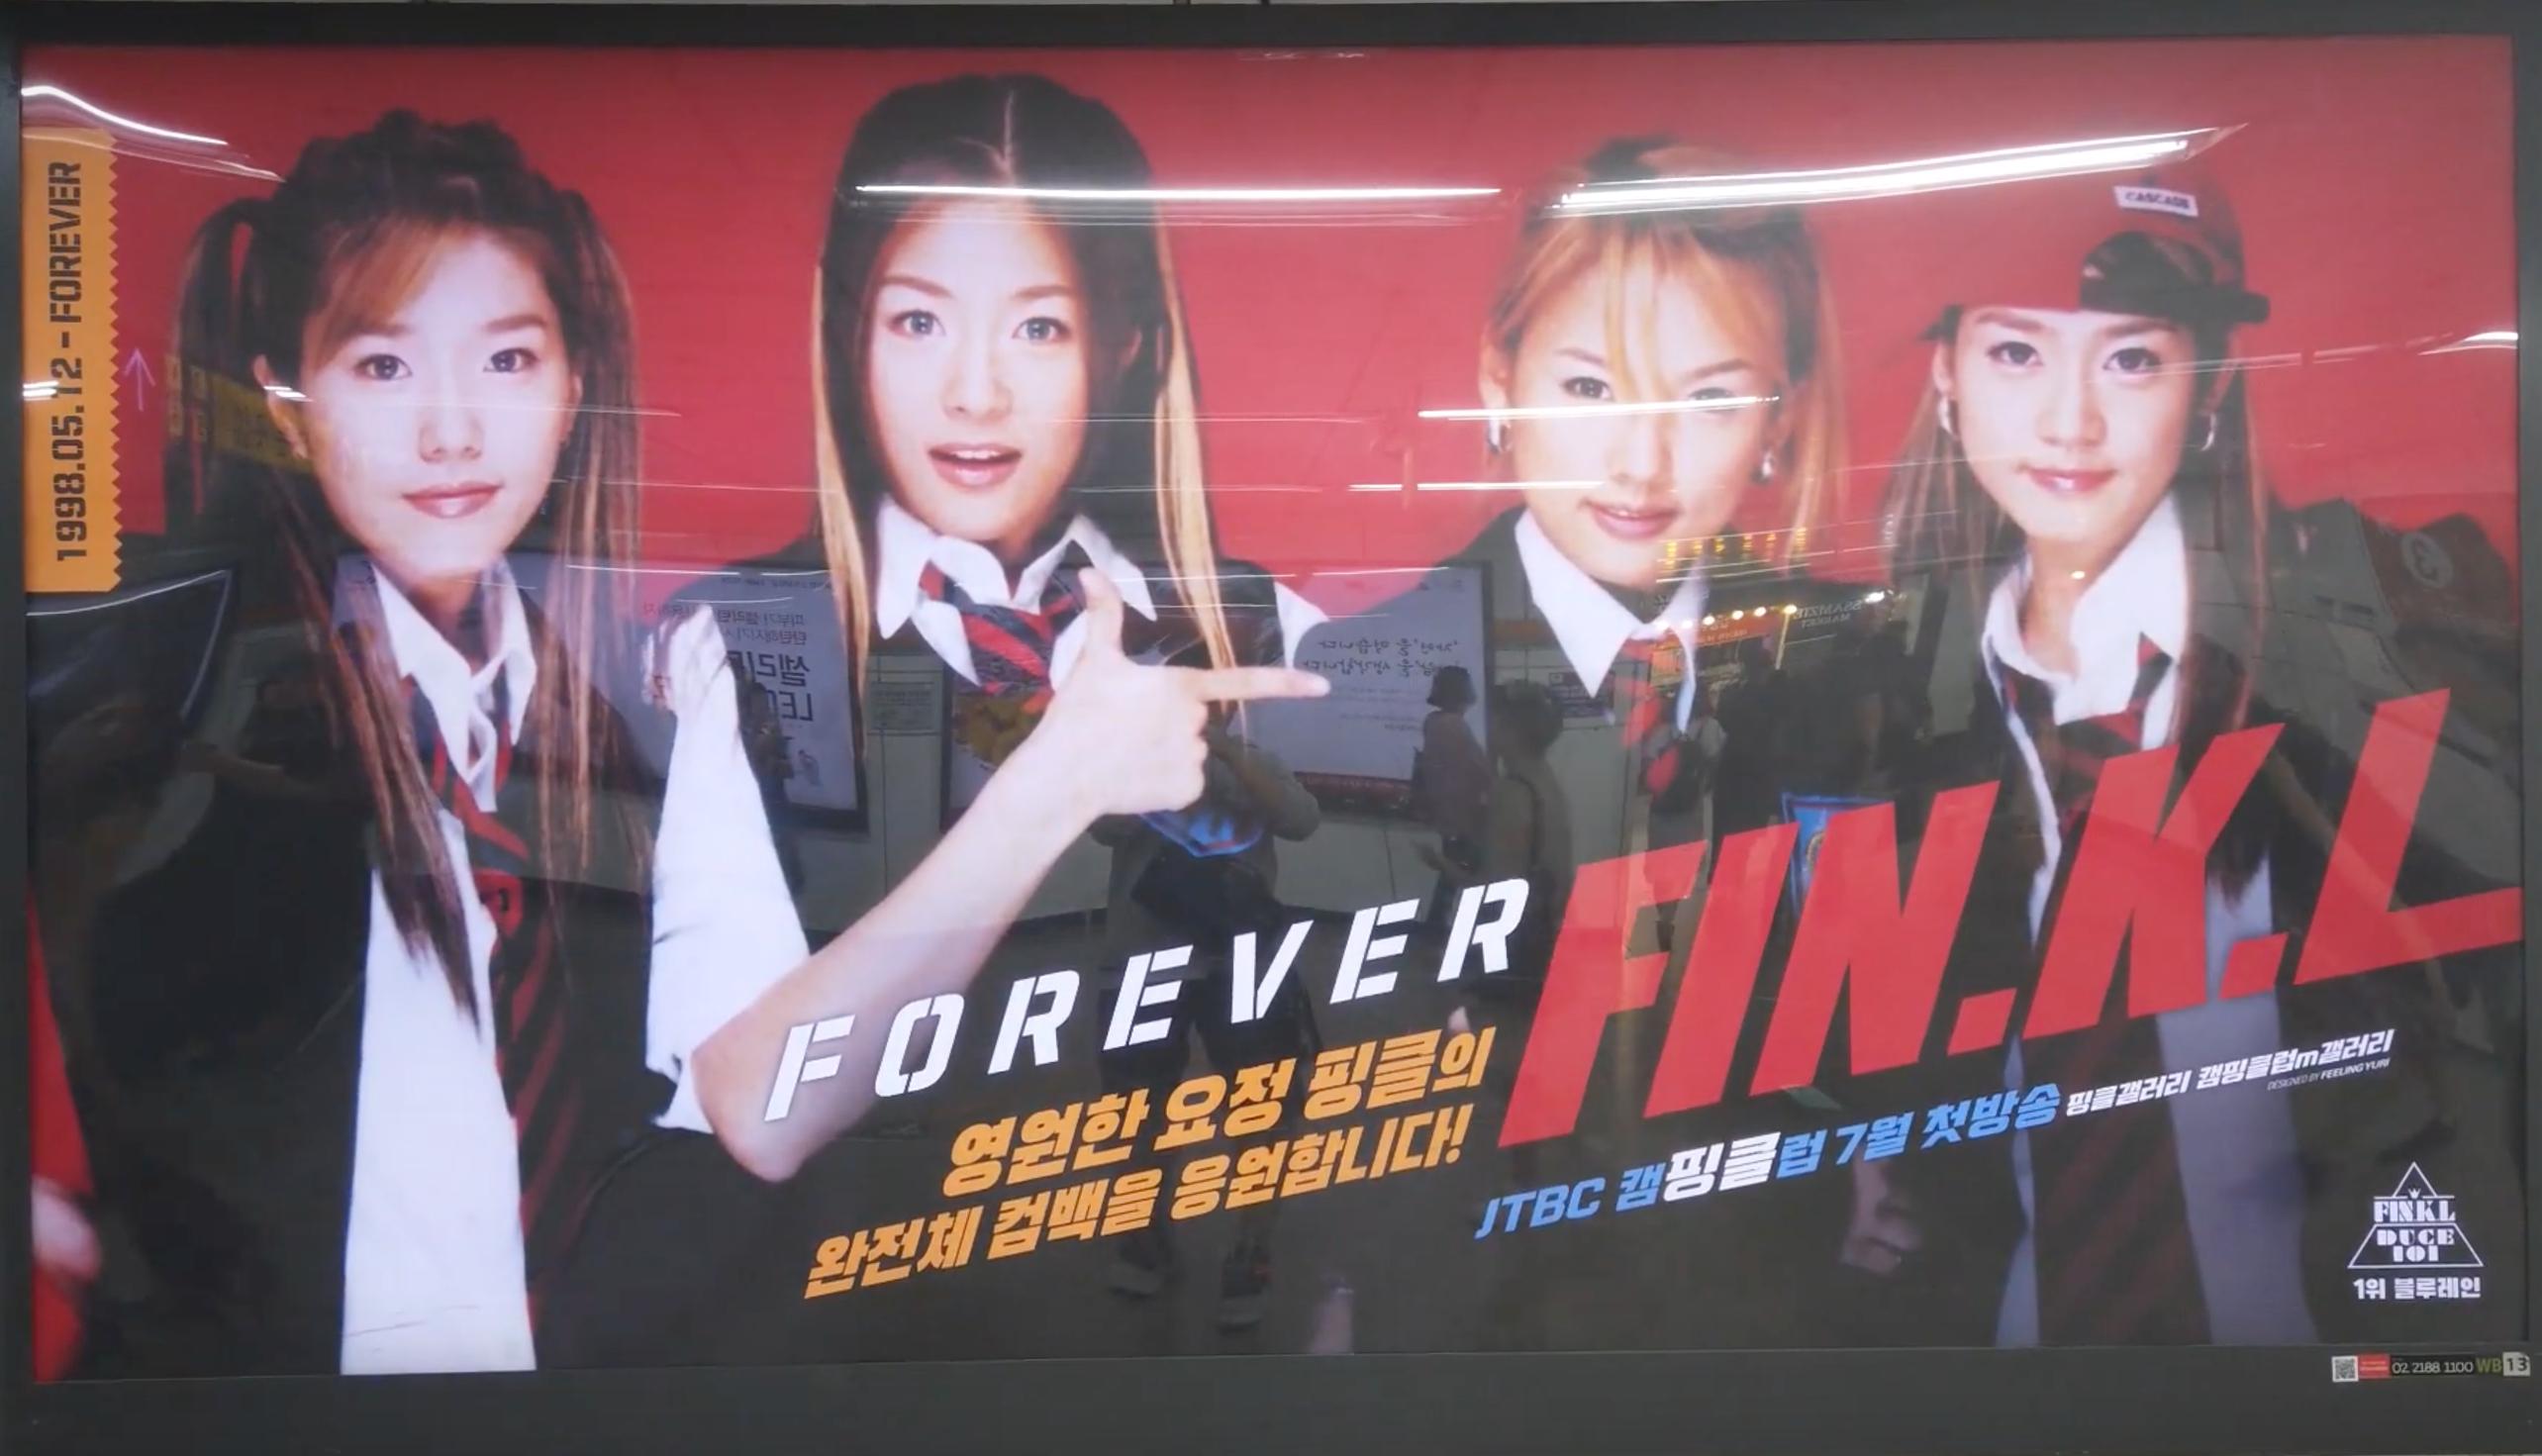 韩国女团实体专辑总销量TOP15,这一团居然能超过少女时代拿下第一!插图10